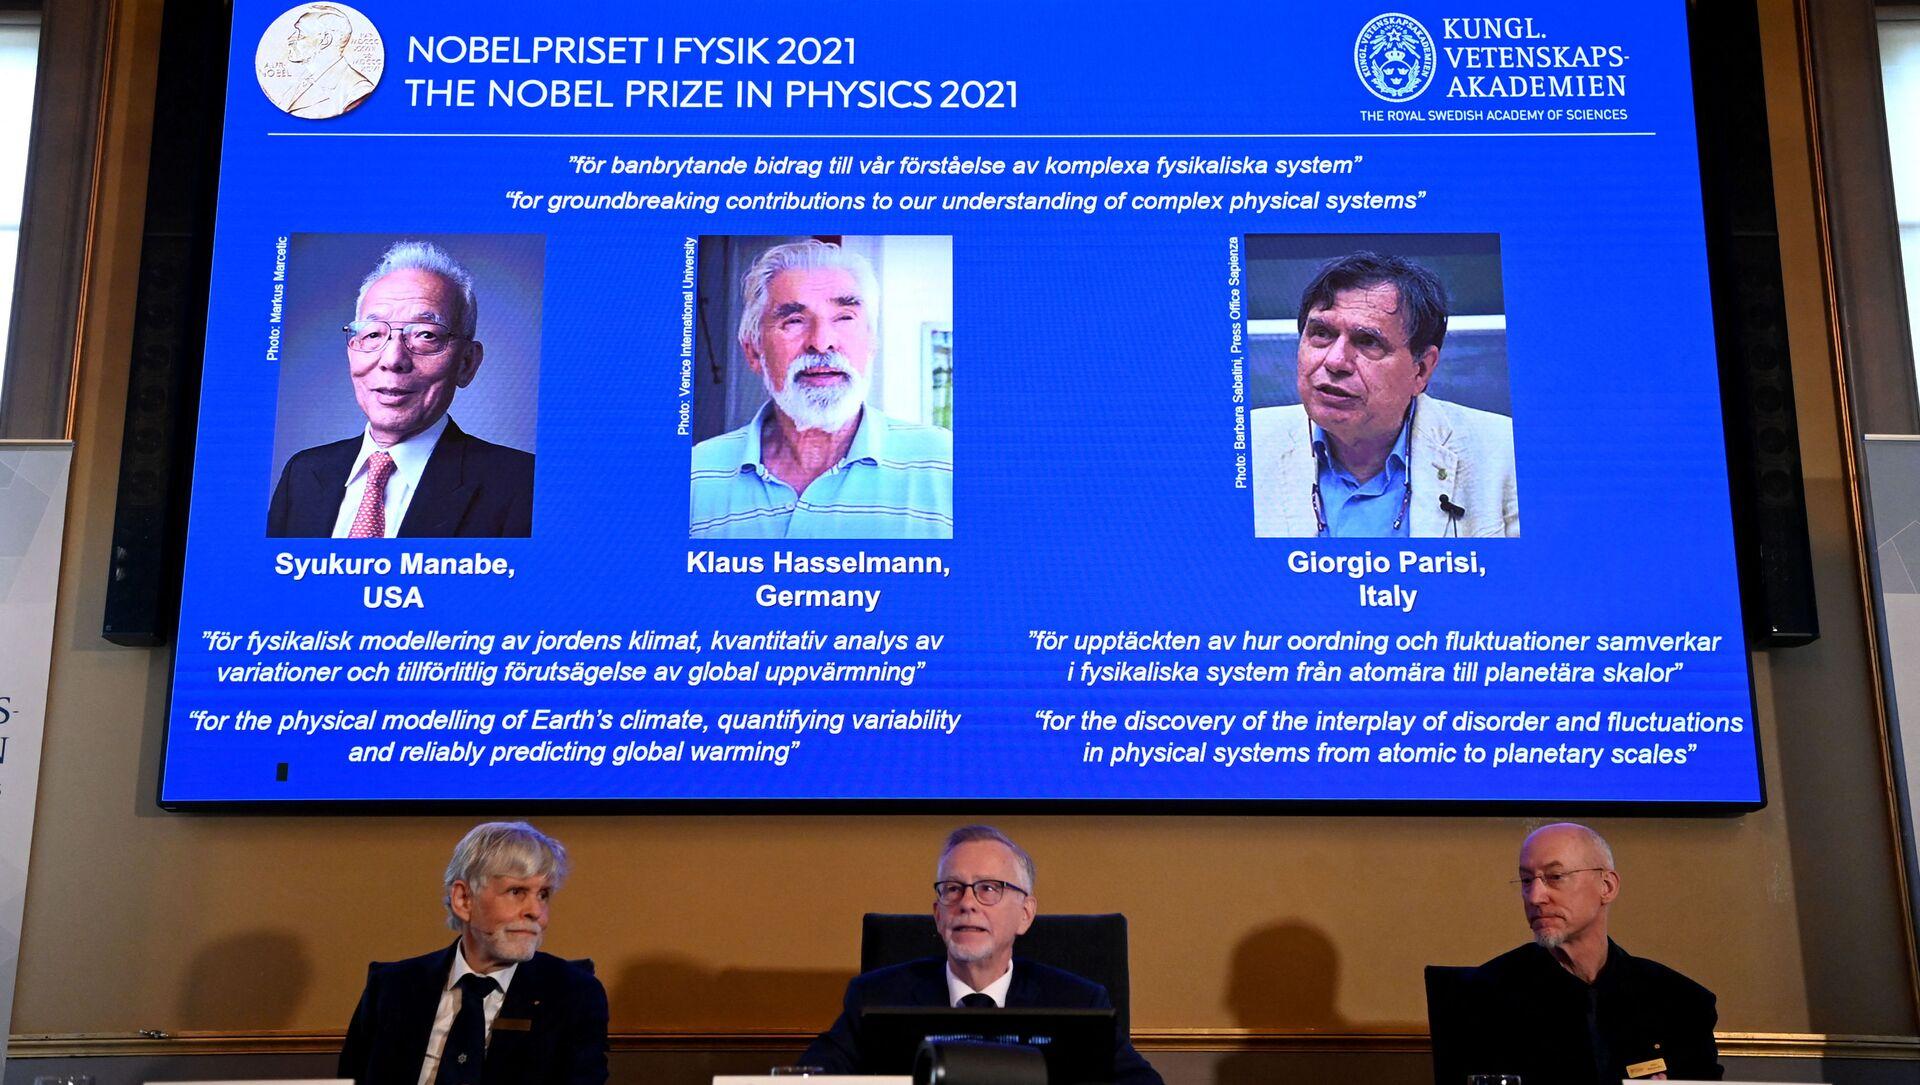 2021年ノーベル物理学賞受賞者 - Sputnik 日本, 1920, 06.10.2021